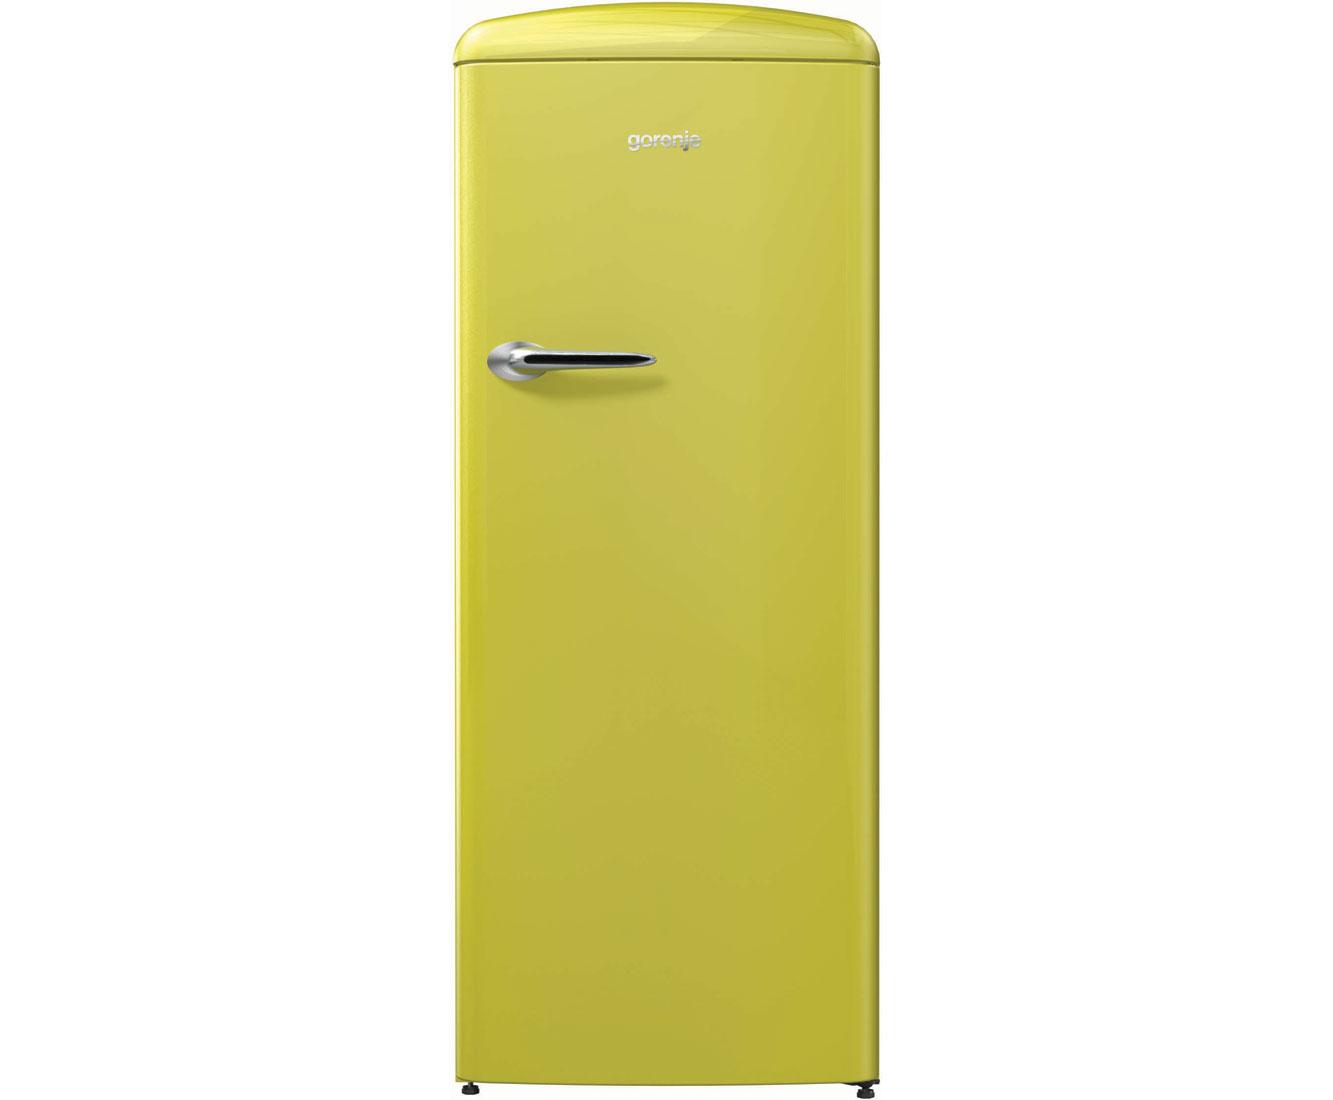 Gorenje Kühlschrank Wasser Läuft Nicht Ab : Gorenje oldtimer orb ap kühlschrank mit gefrierfach